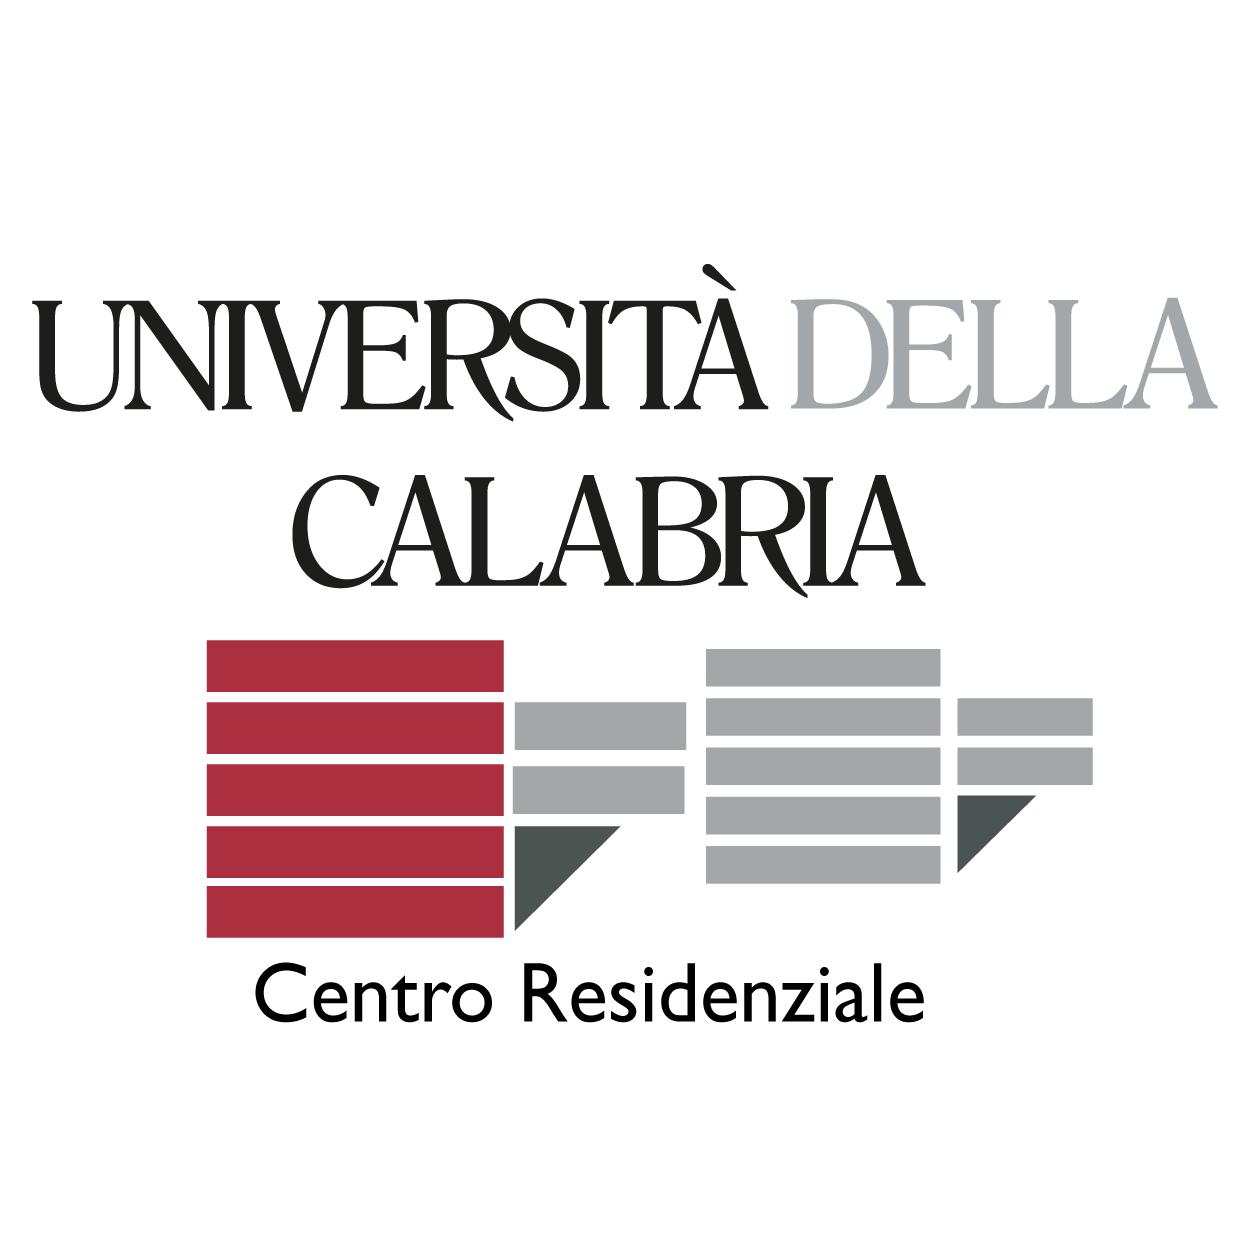 Centro Residenziale_Tavola disegno 1